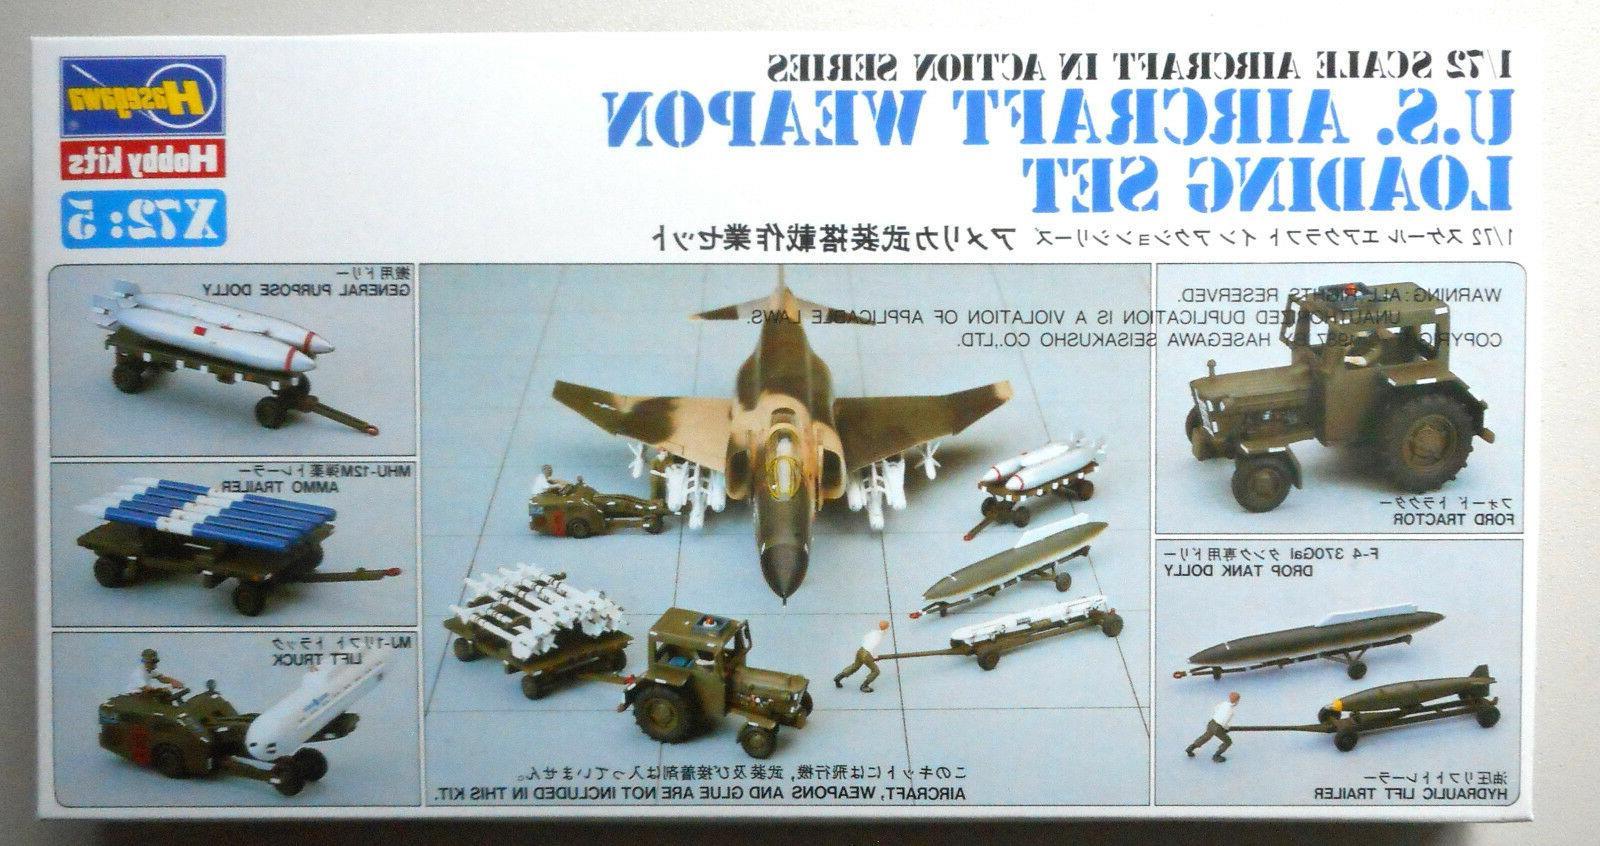 35007 1/72 U.S. Pilot/Ground Crew Set HSGS1877 HASAGAWA